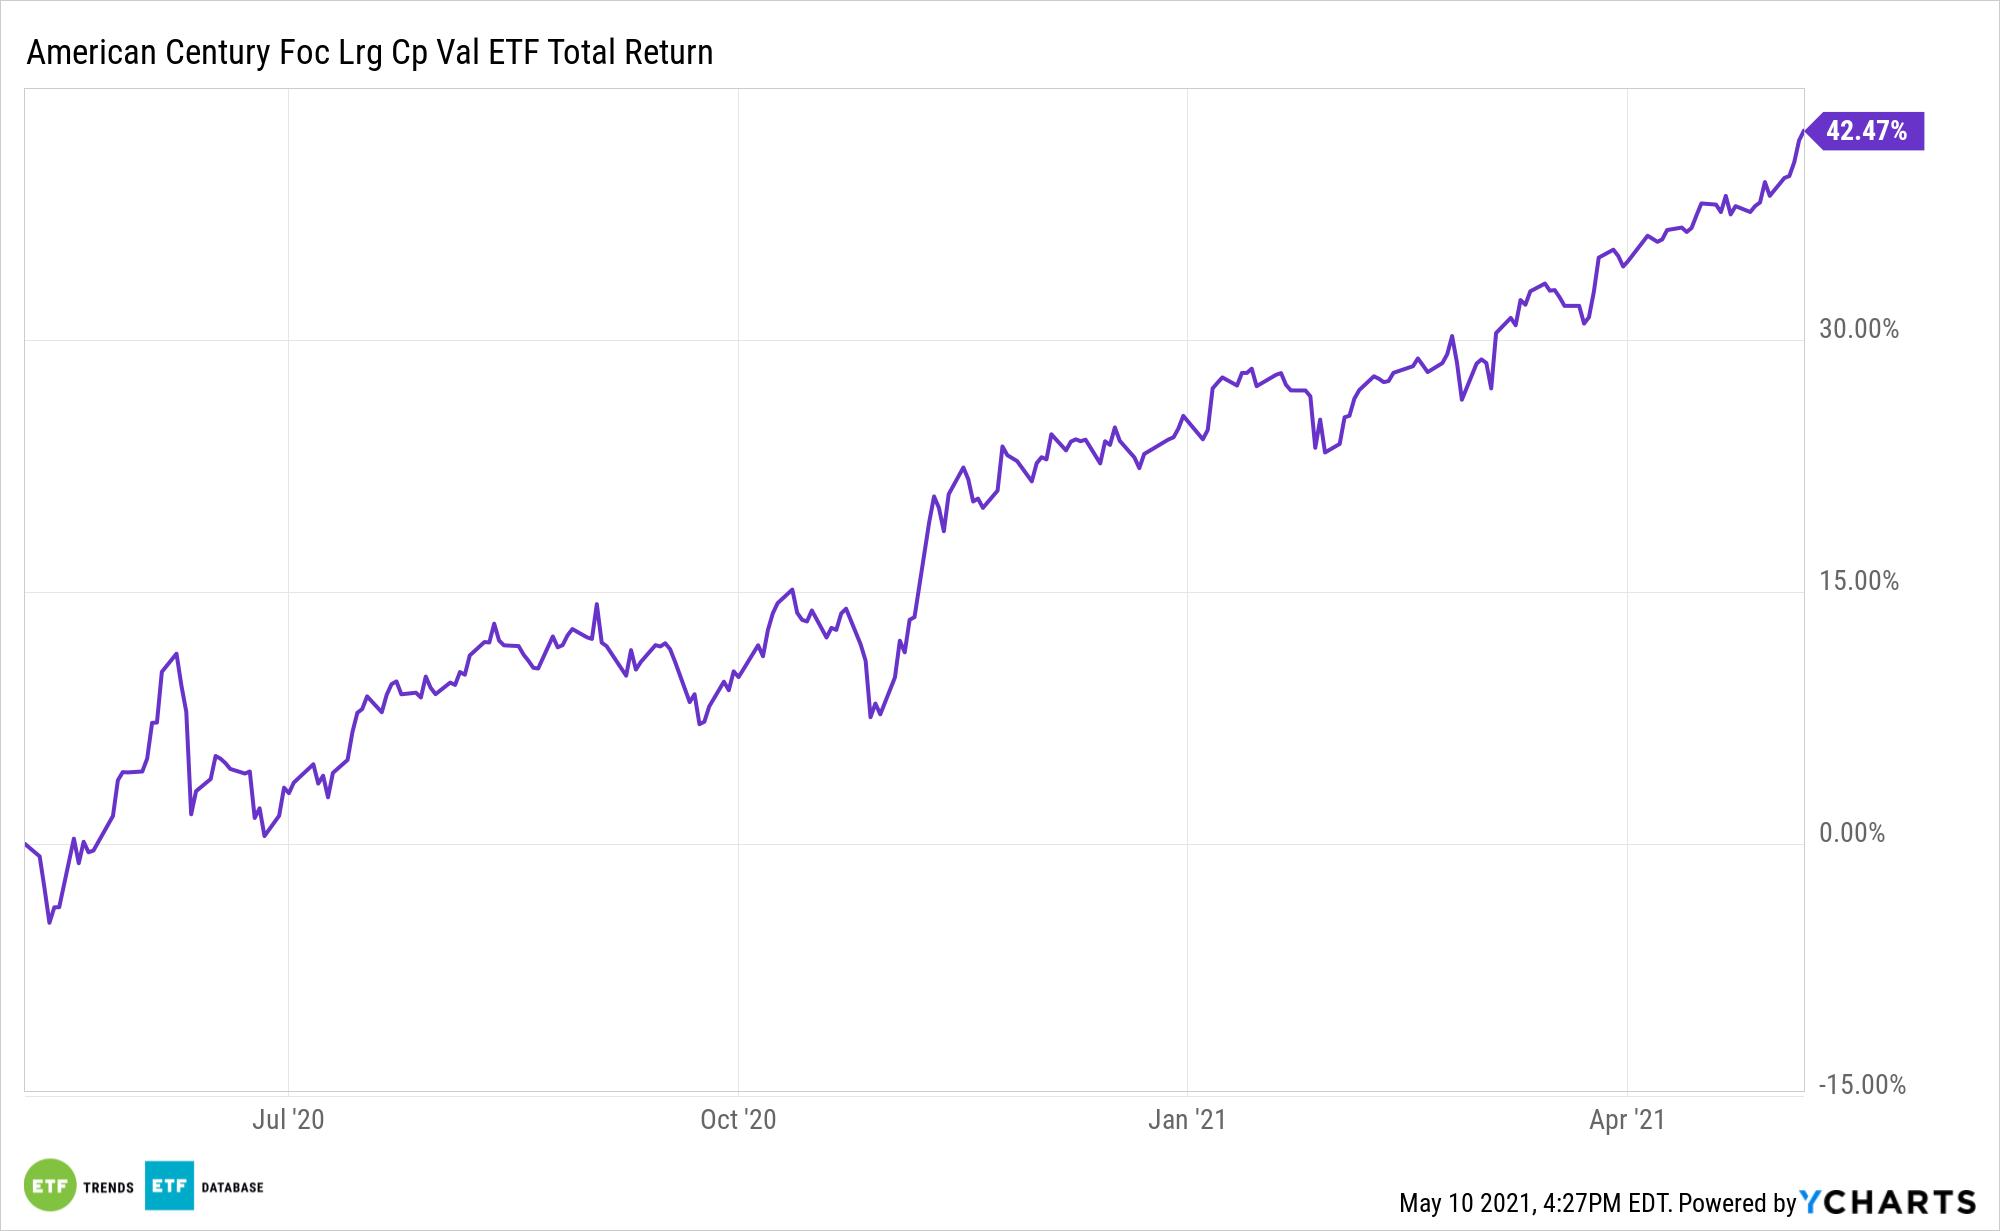 FLV 1 Year Total Return